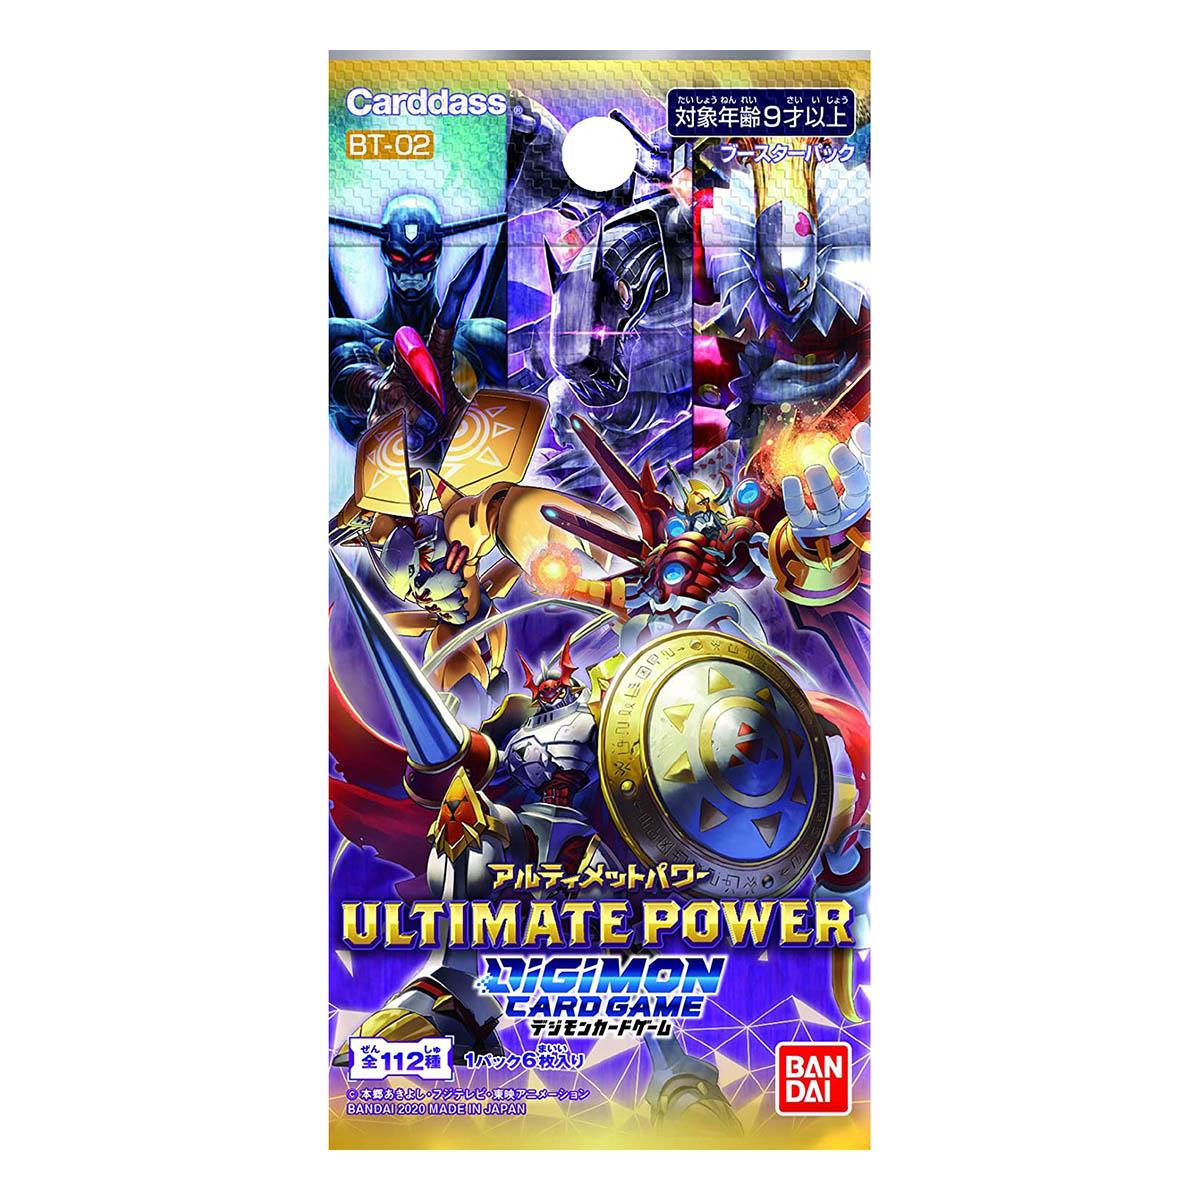 デジモンカードゲーム『ブースター ULTIMATE POWER』24パック入りBOX-002